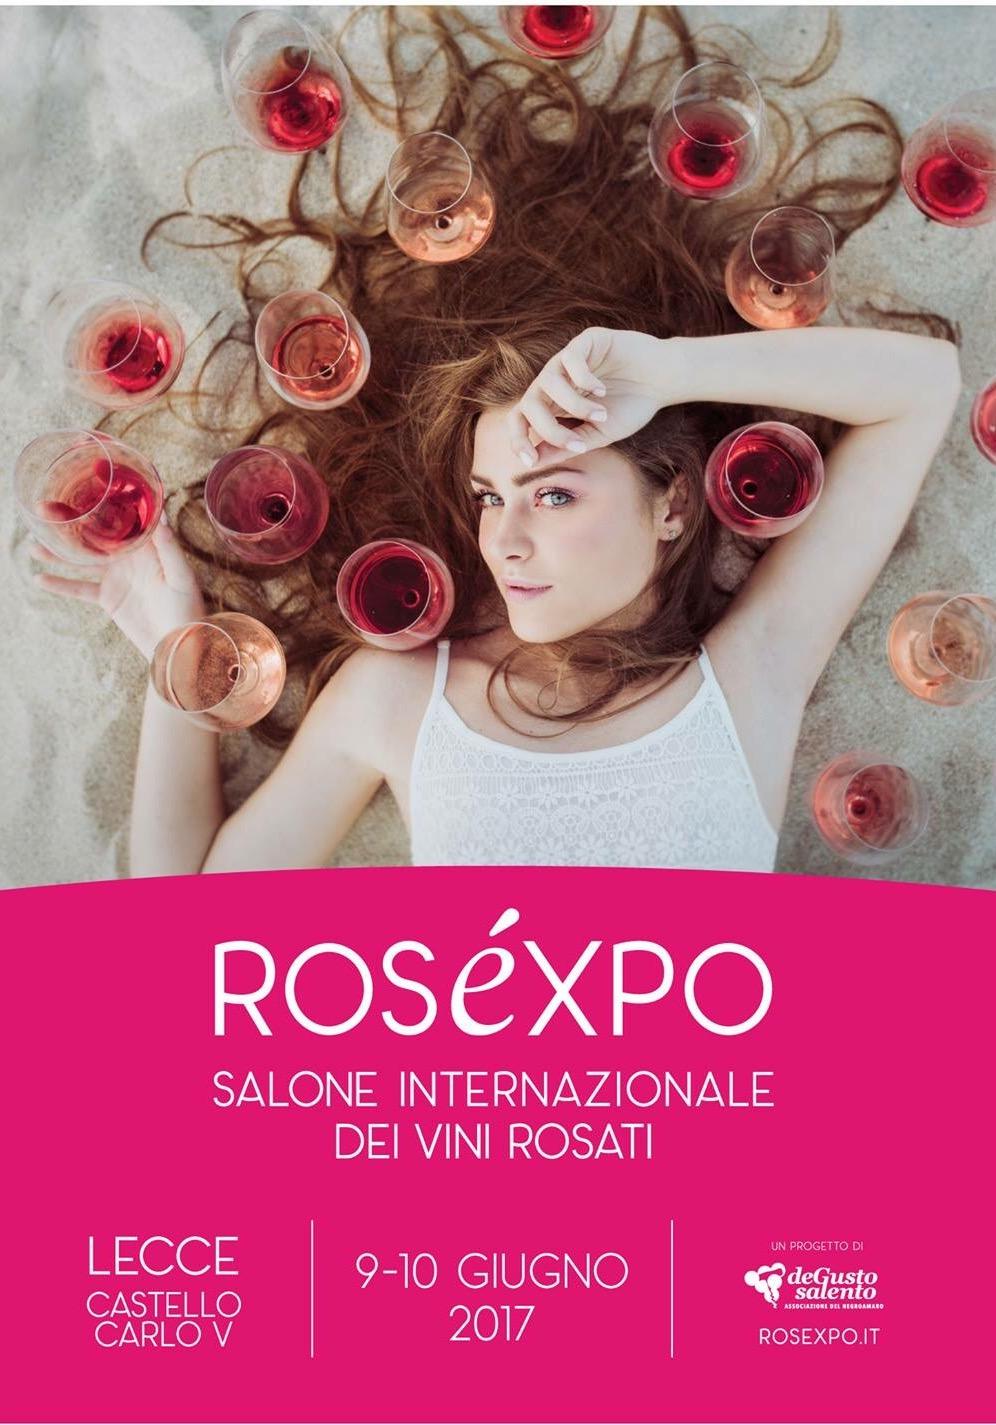 Roséxpo 2017